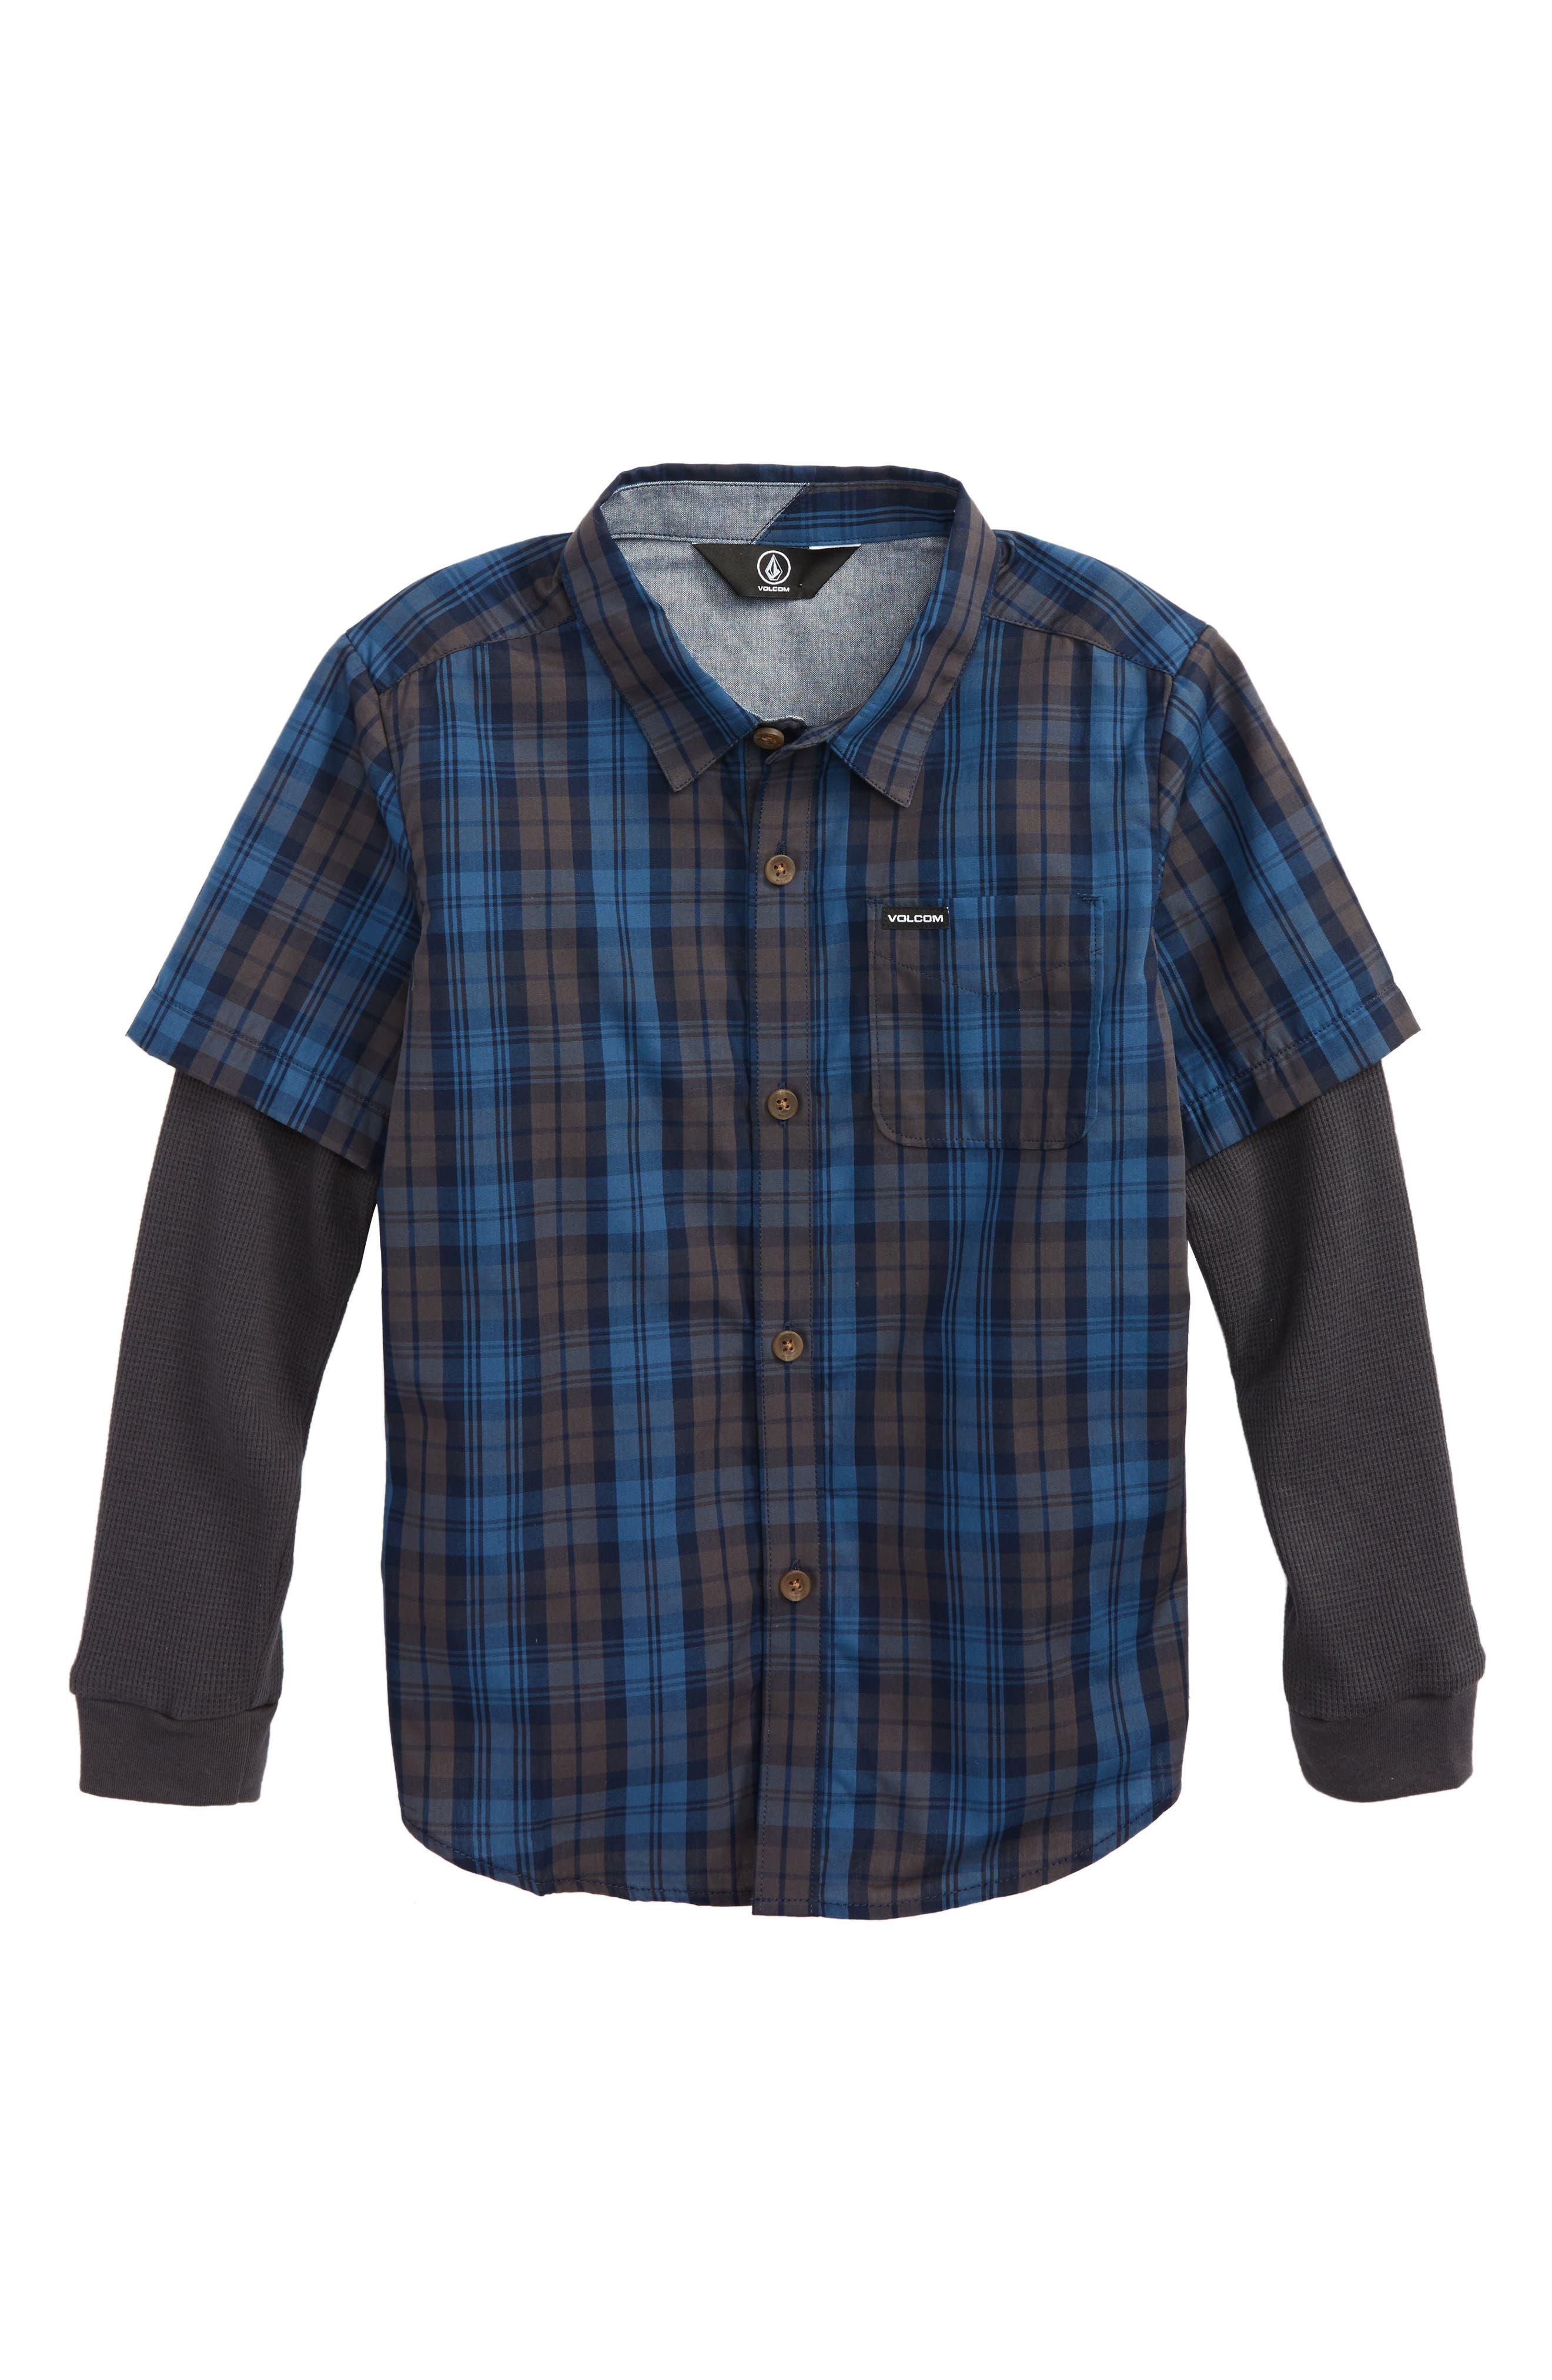 Ignition Layered Woven Shirt,                             Main thumbnail 1, color,                             Indigo